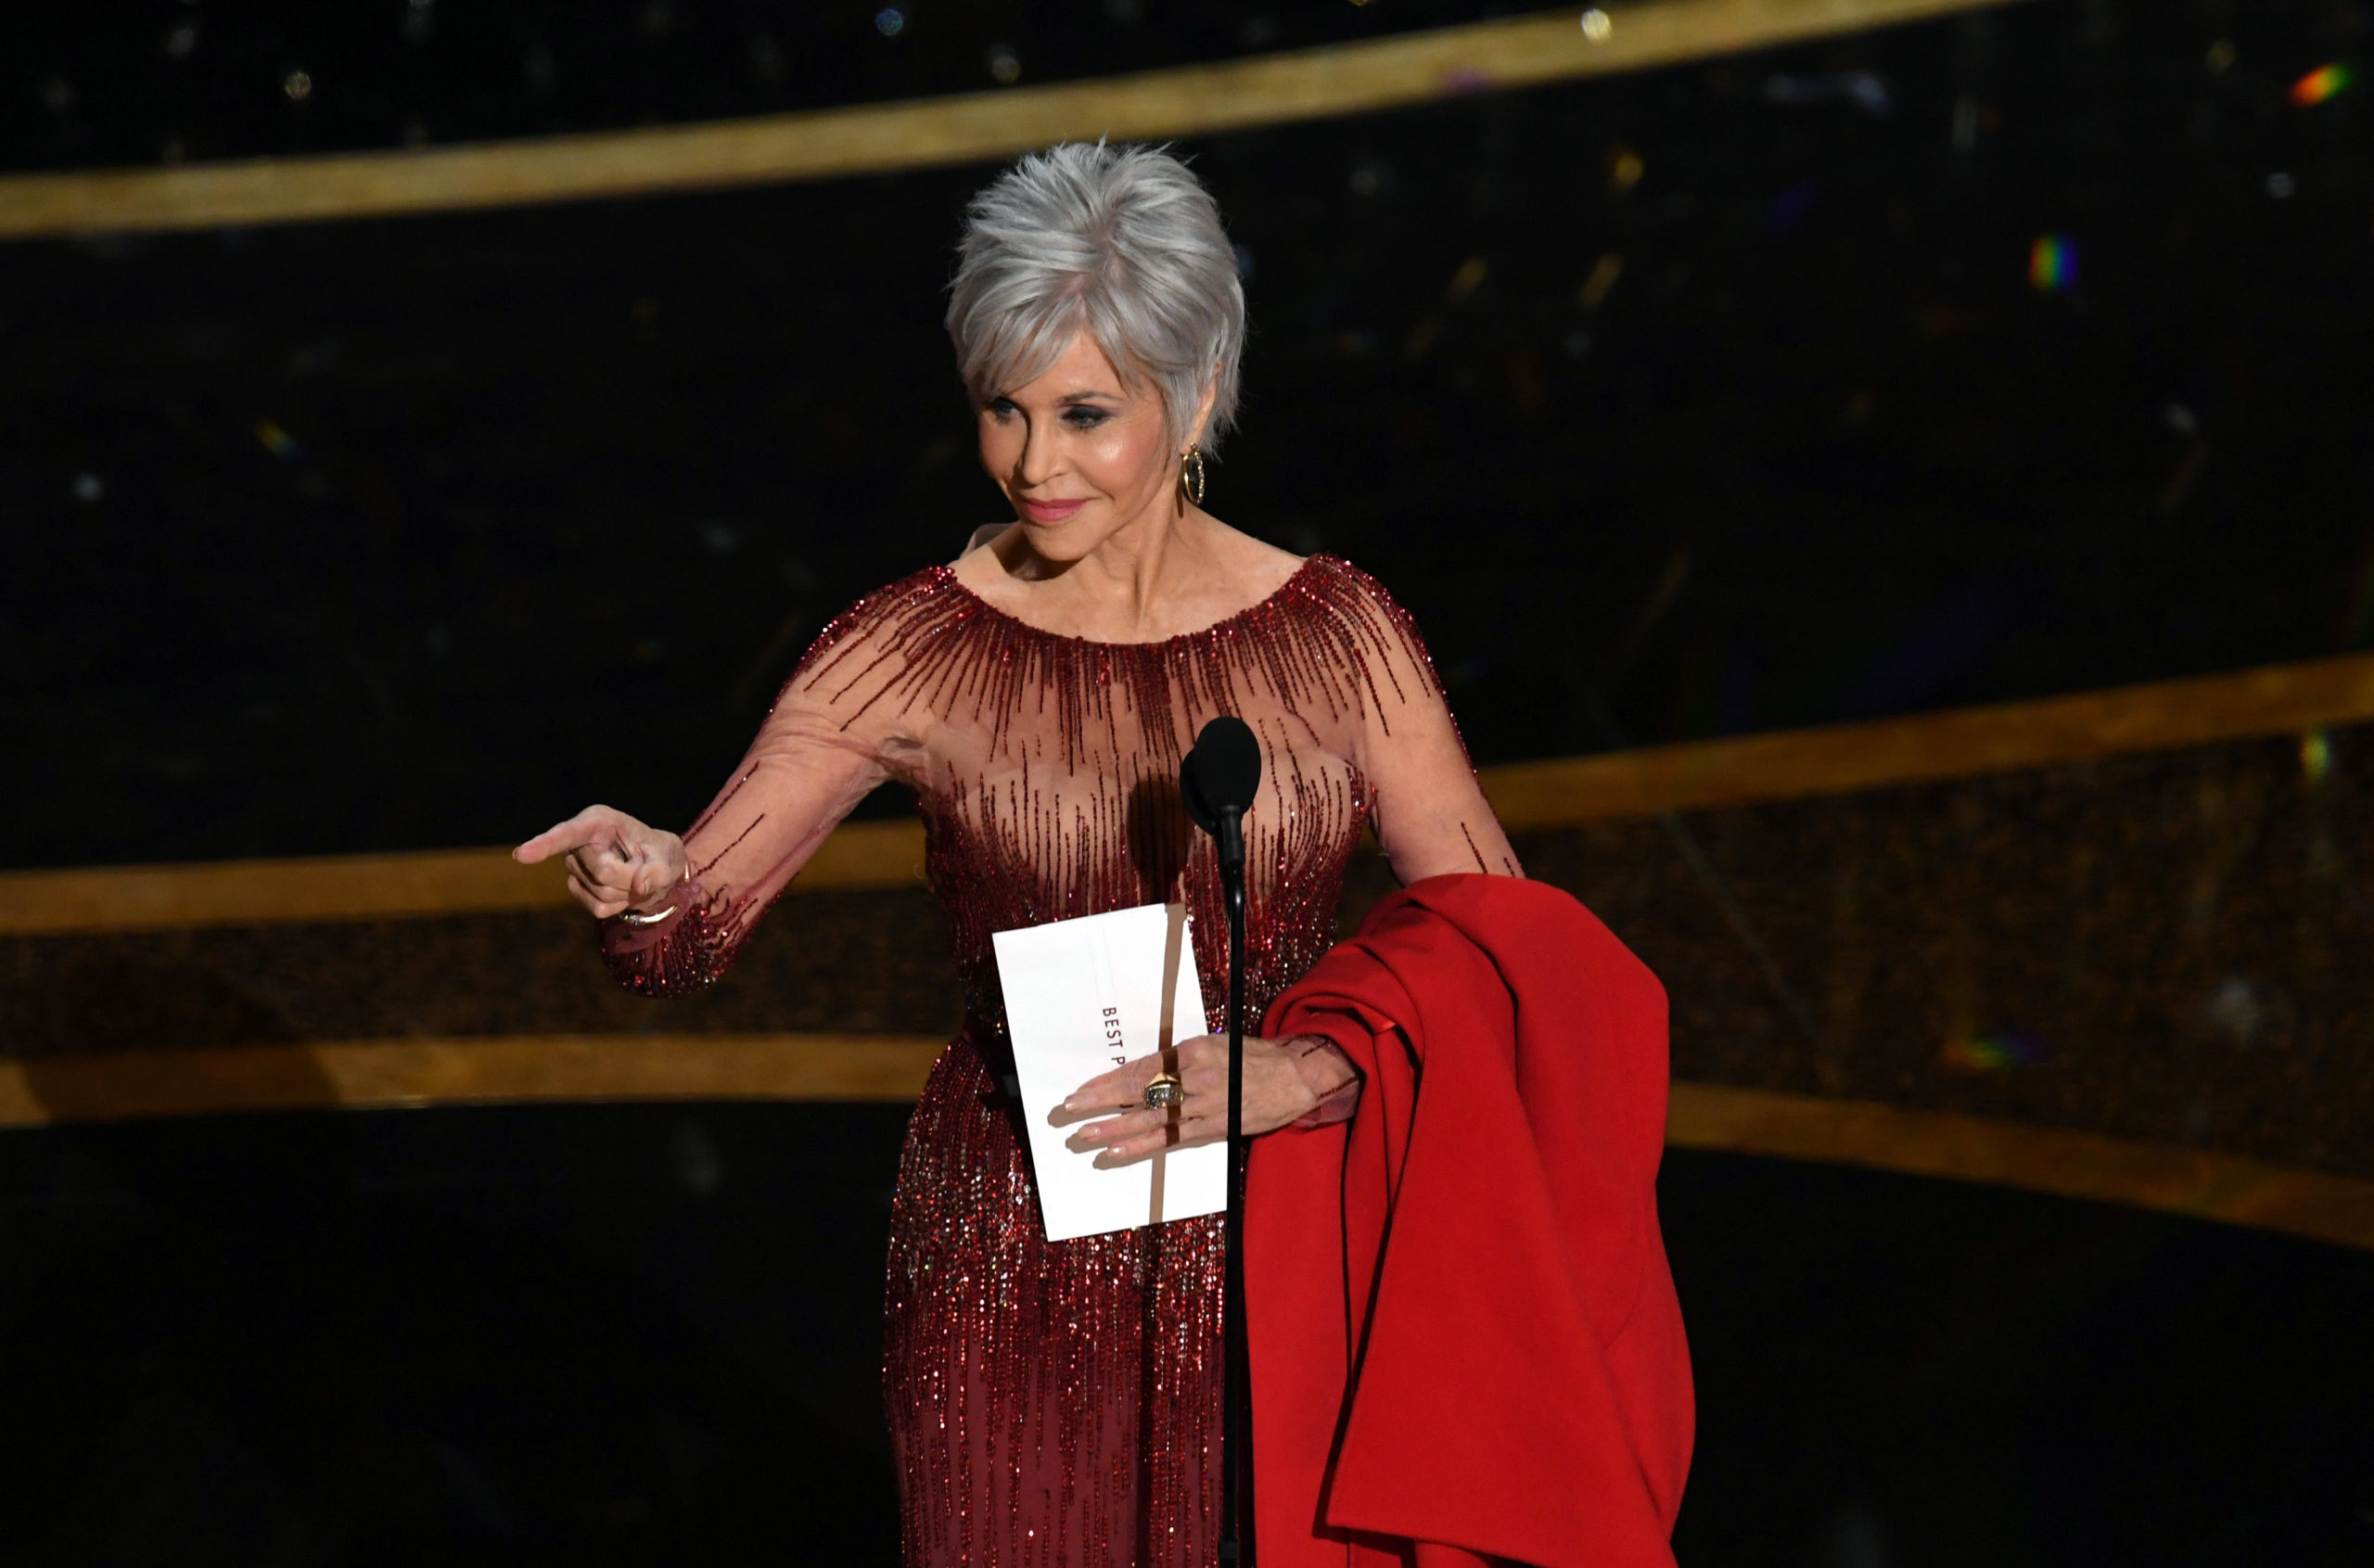 Jane Fonda agli Oscar 2020: abito riciclato e il cappotto rosso (simbolo della protesta green)